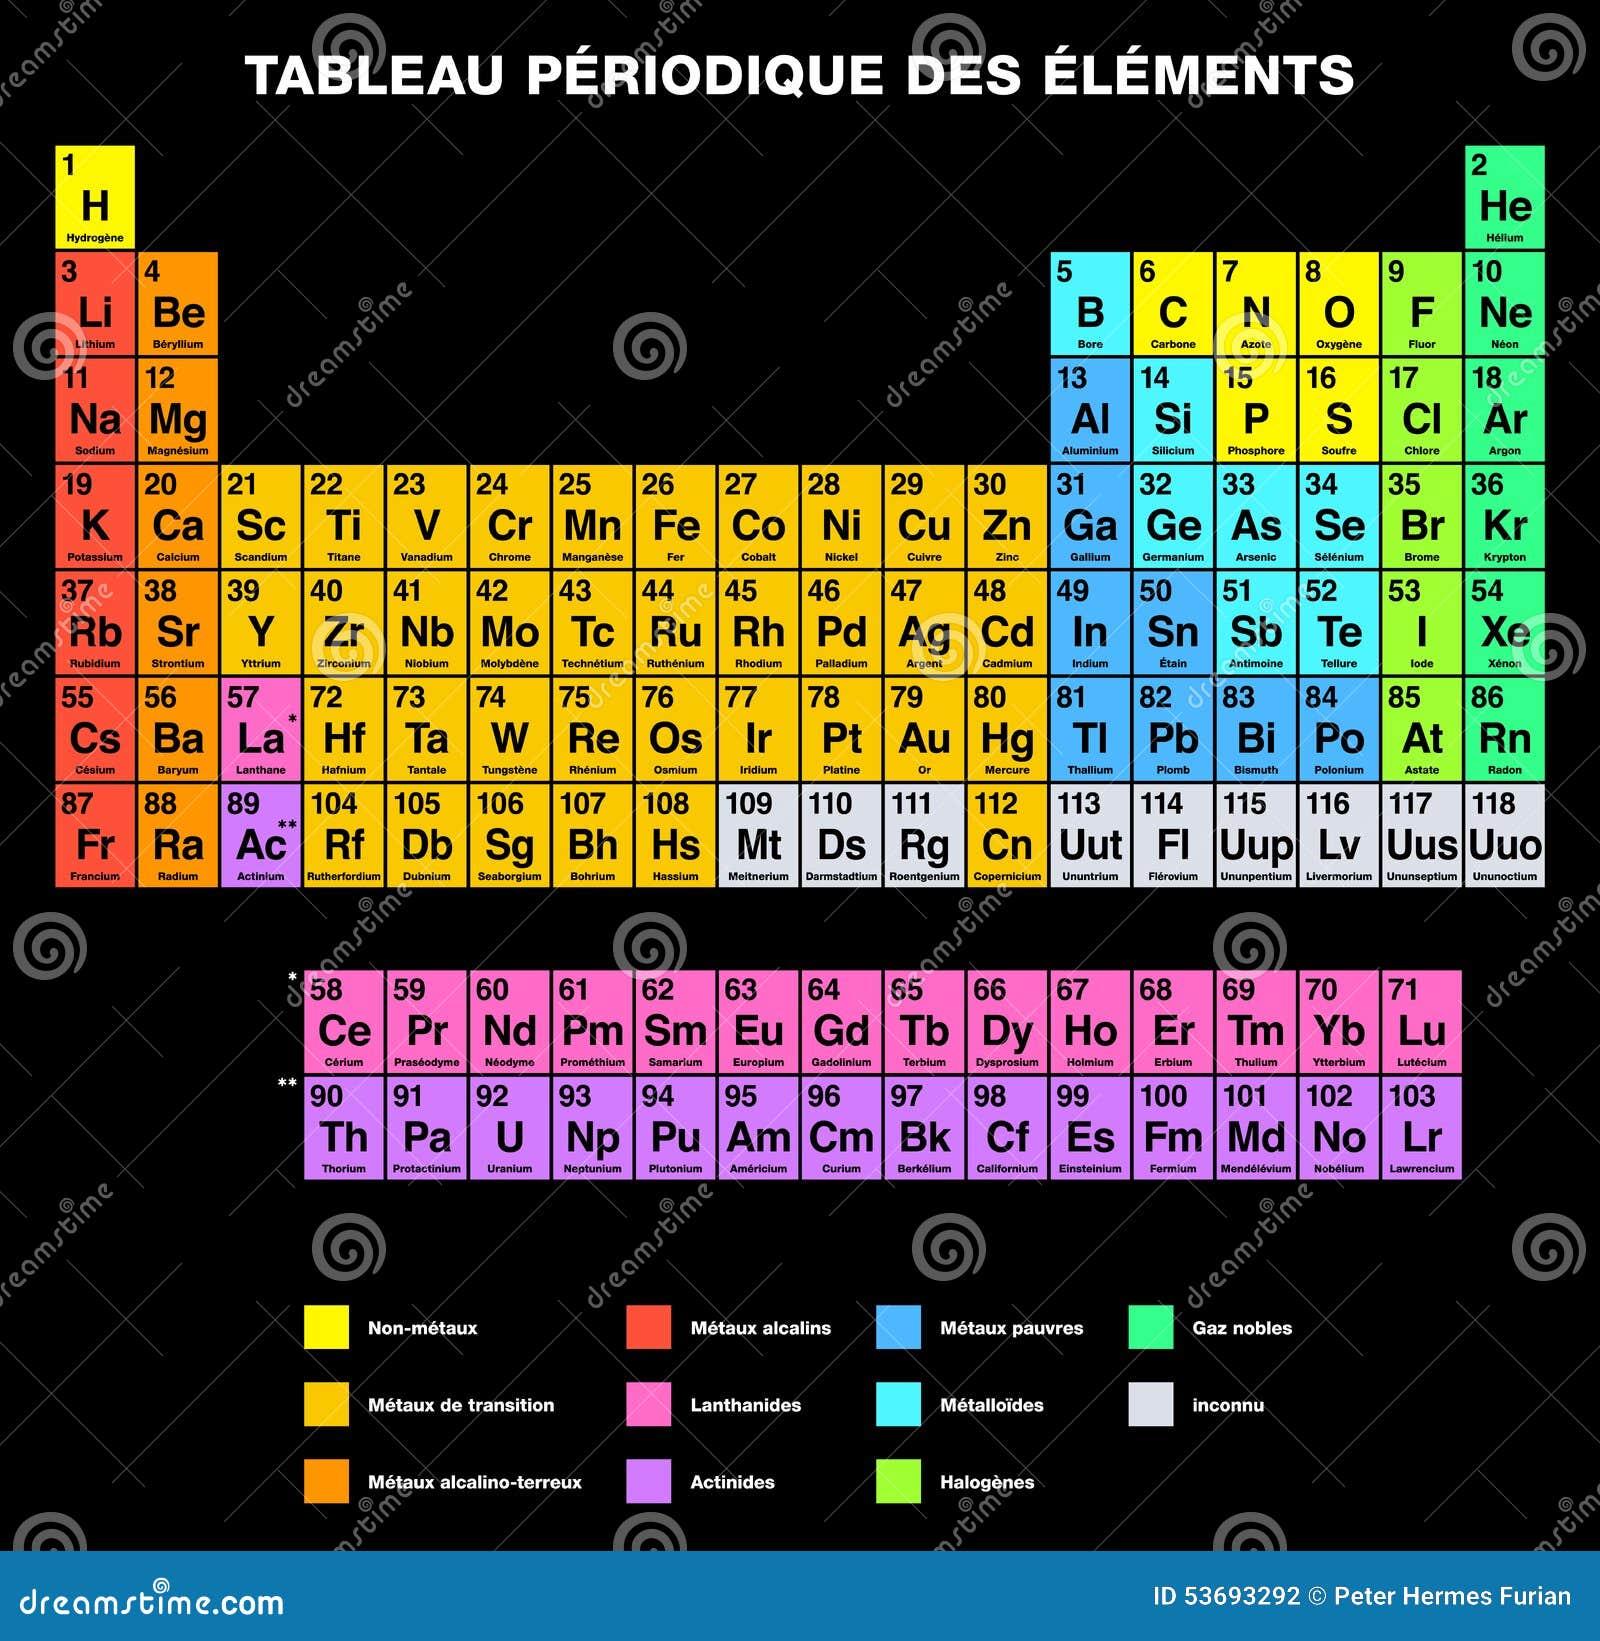 Tabla peridica de los elementos en francs ilustracin del vector tabla peridica del etiquetado francs de los elementos fotografa de archivo urtaz Image collections